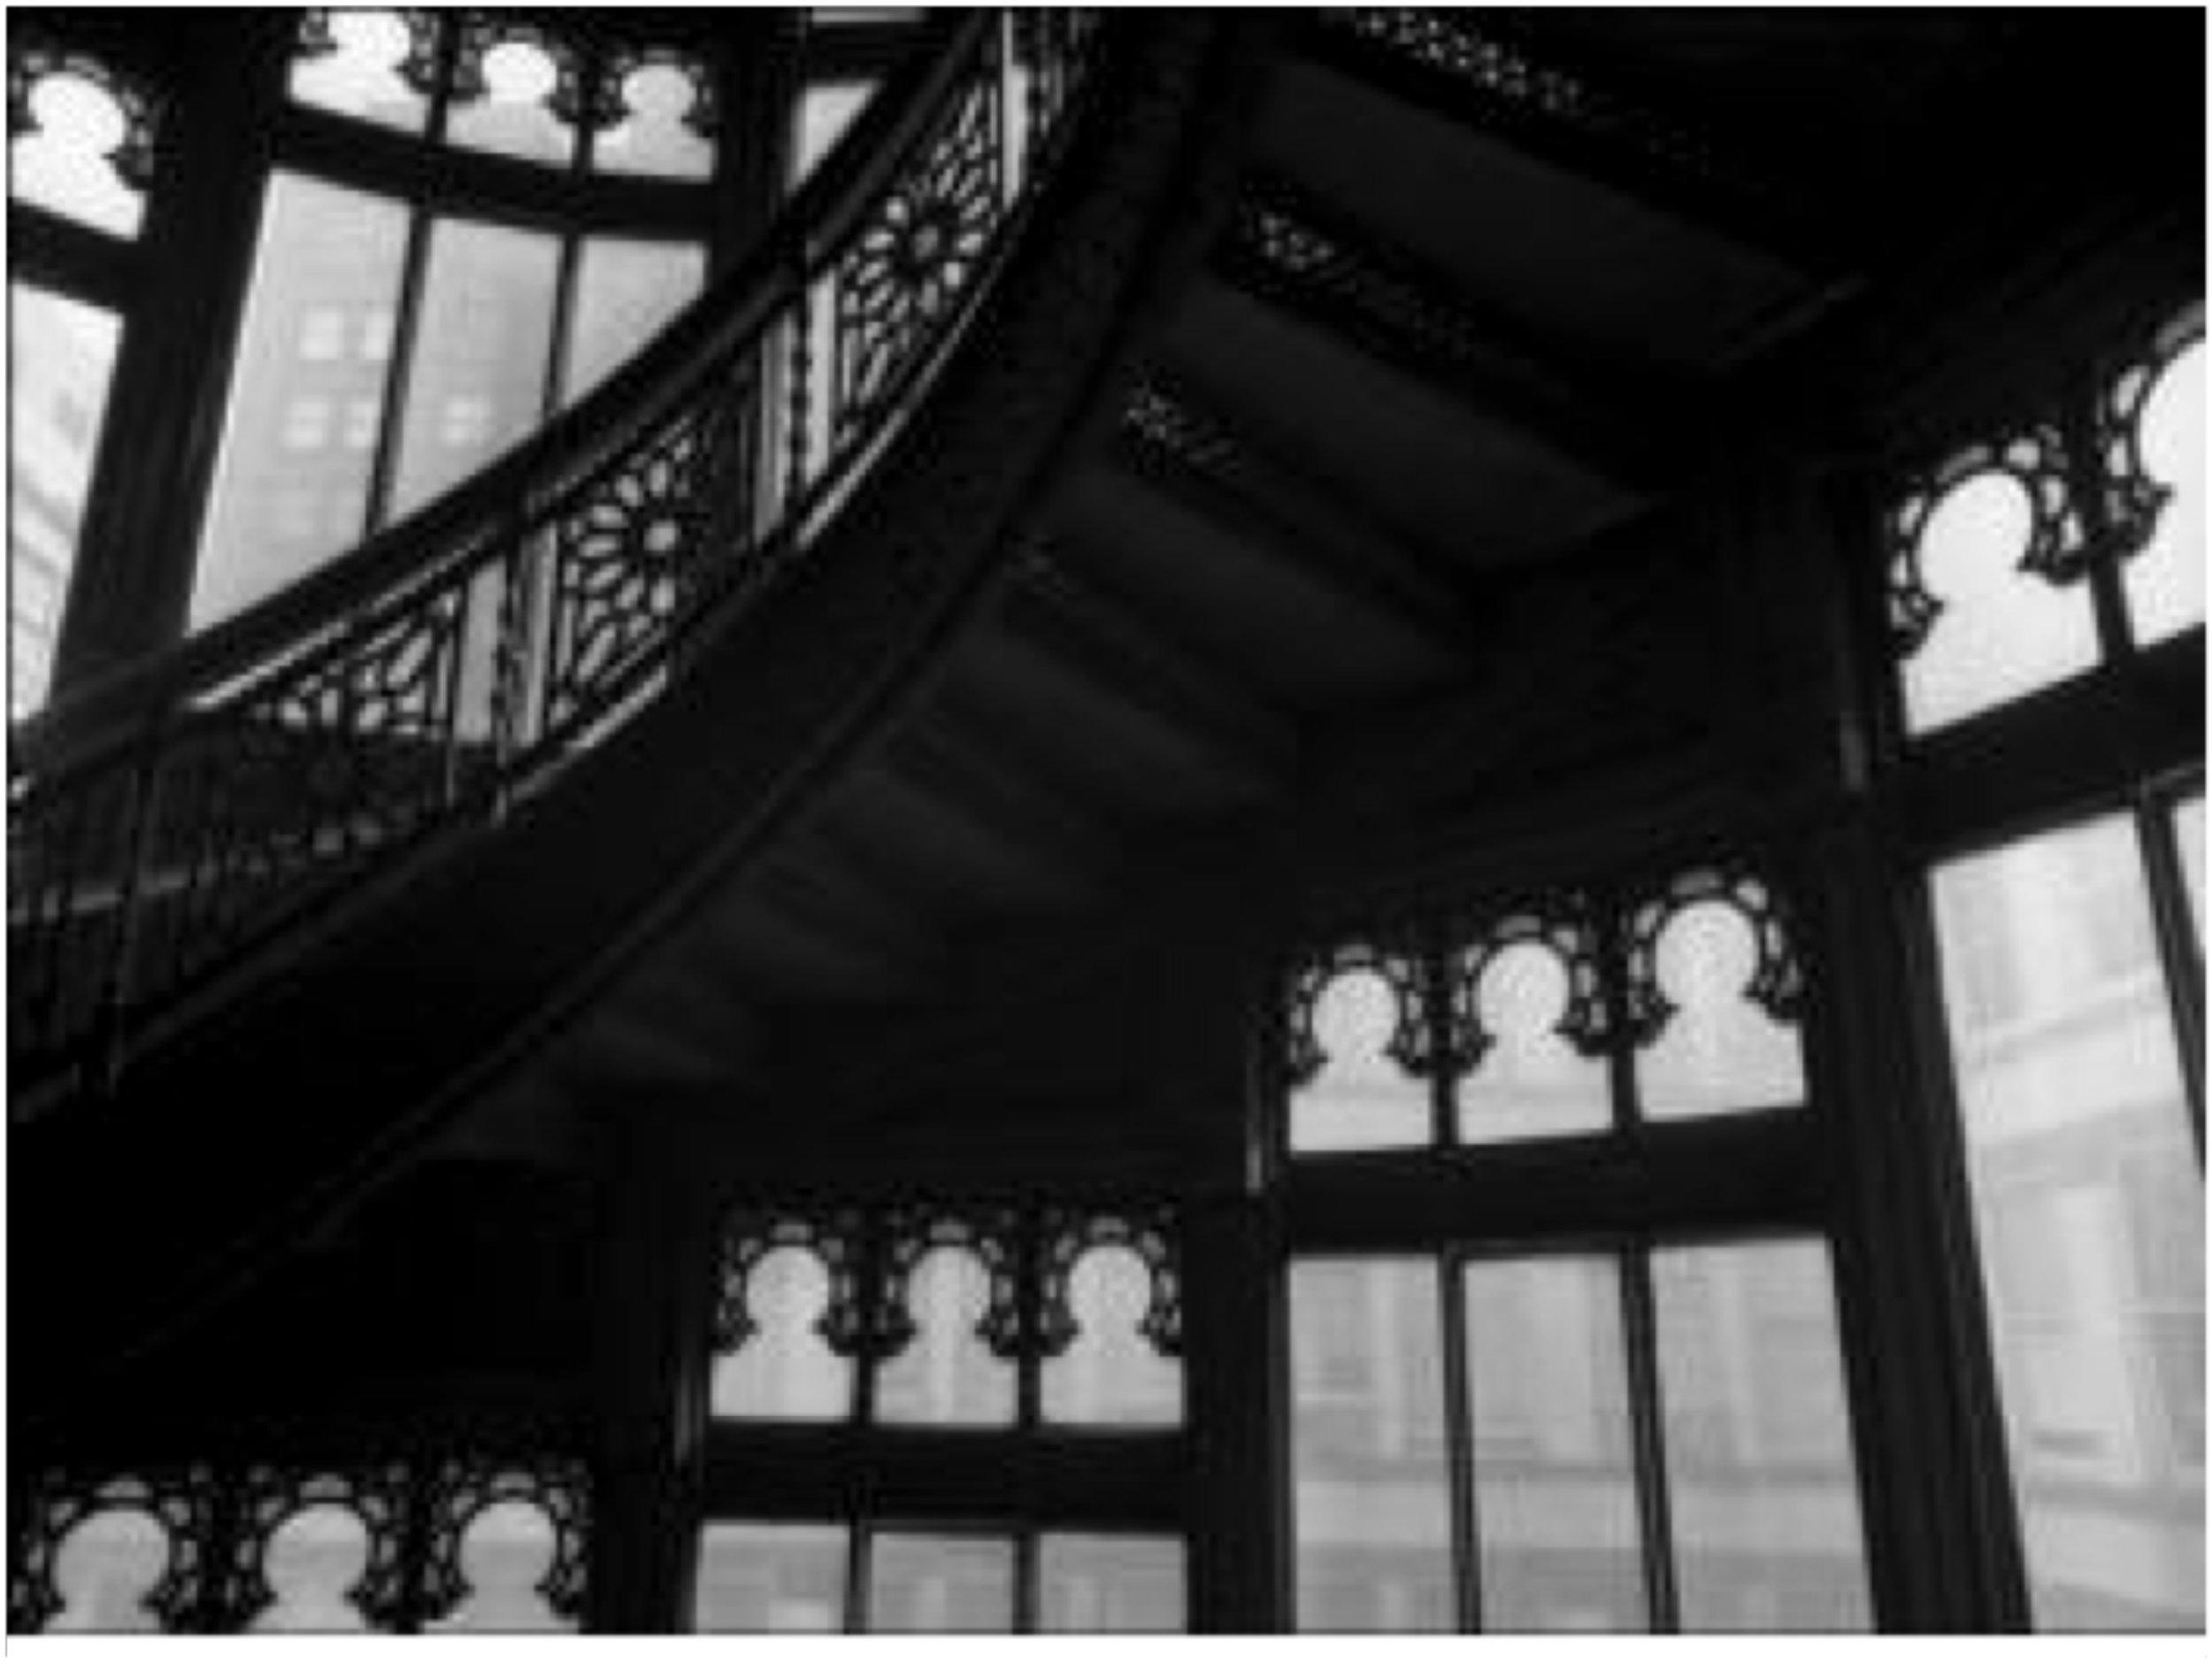 Louis Sullivan Stairwell, Chicago